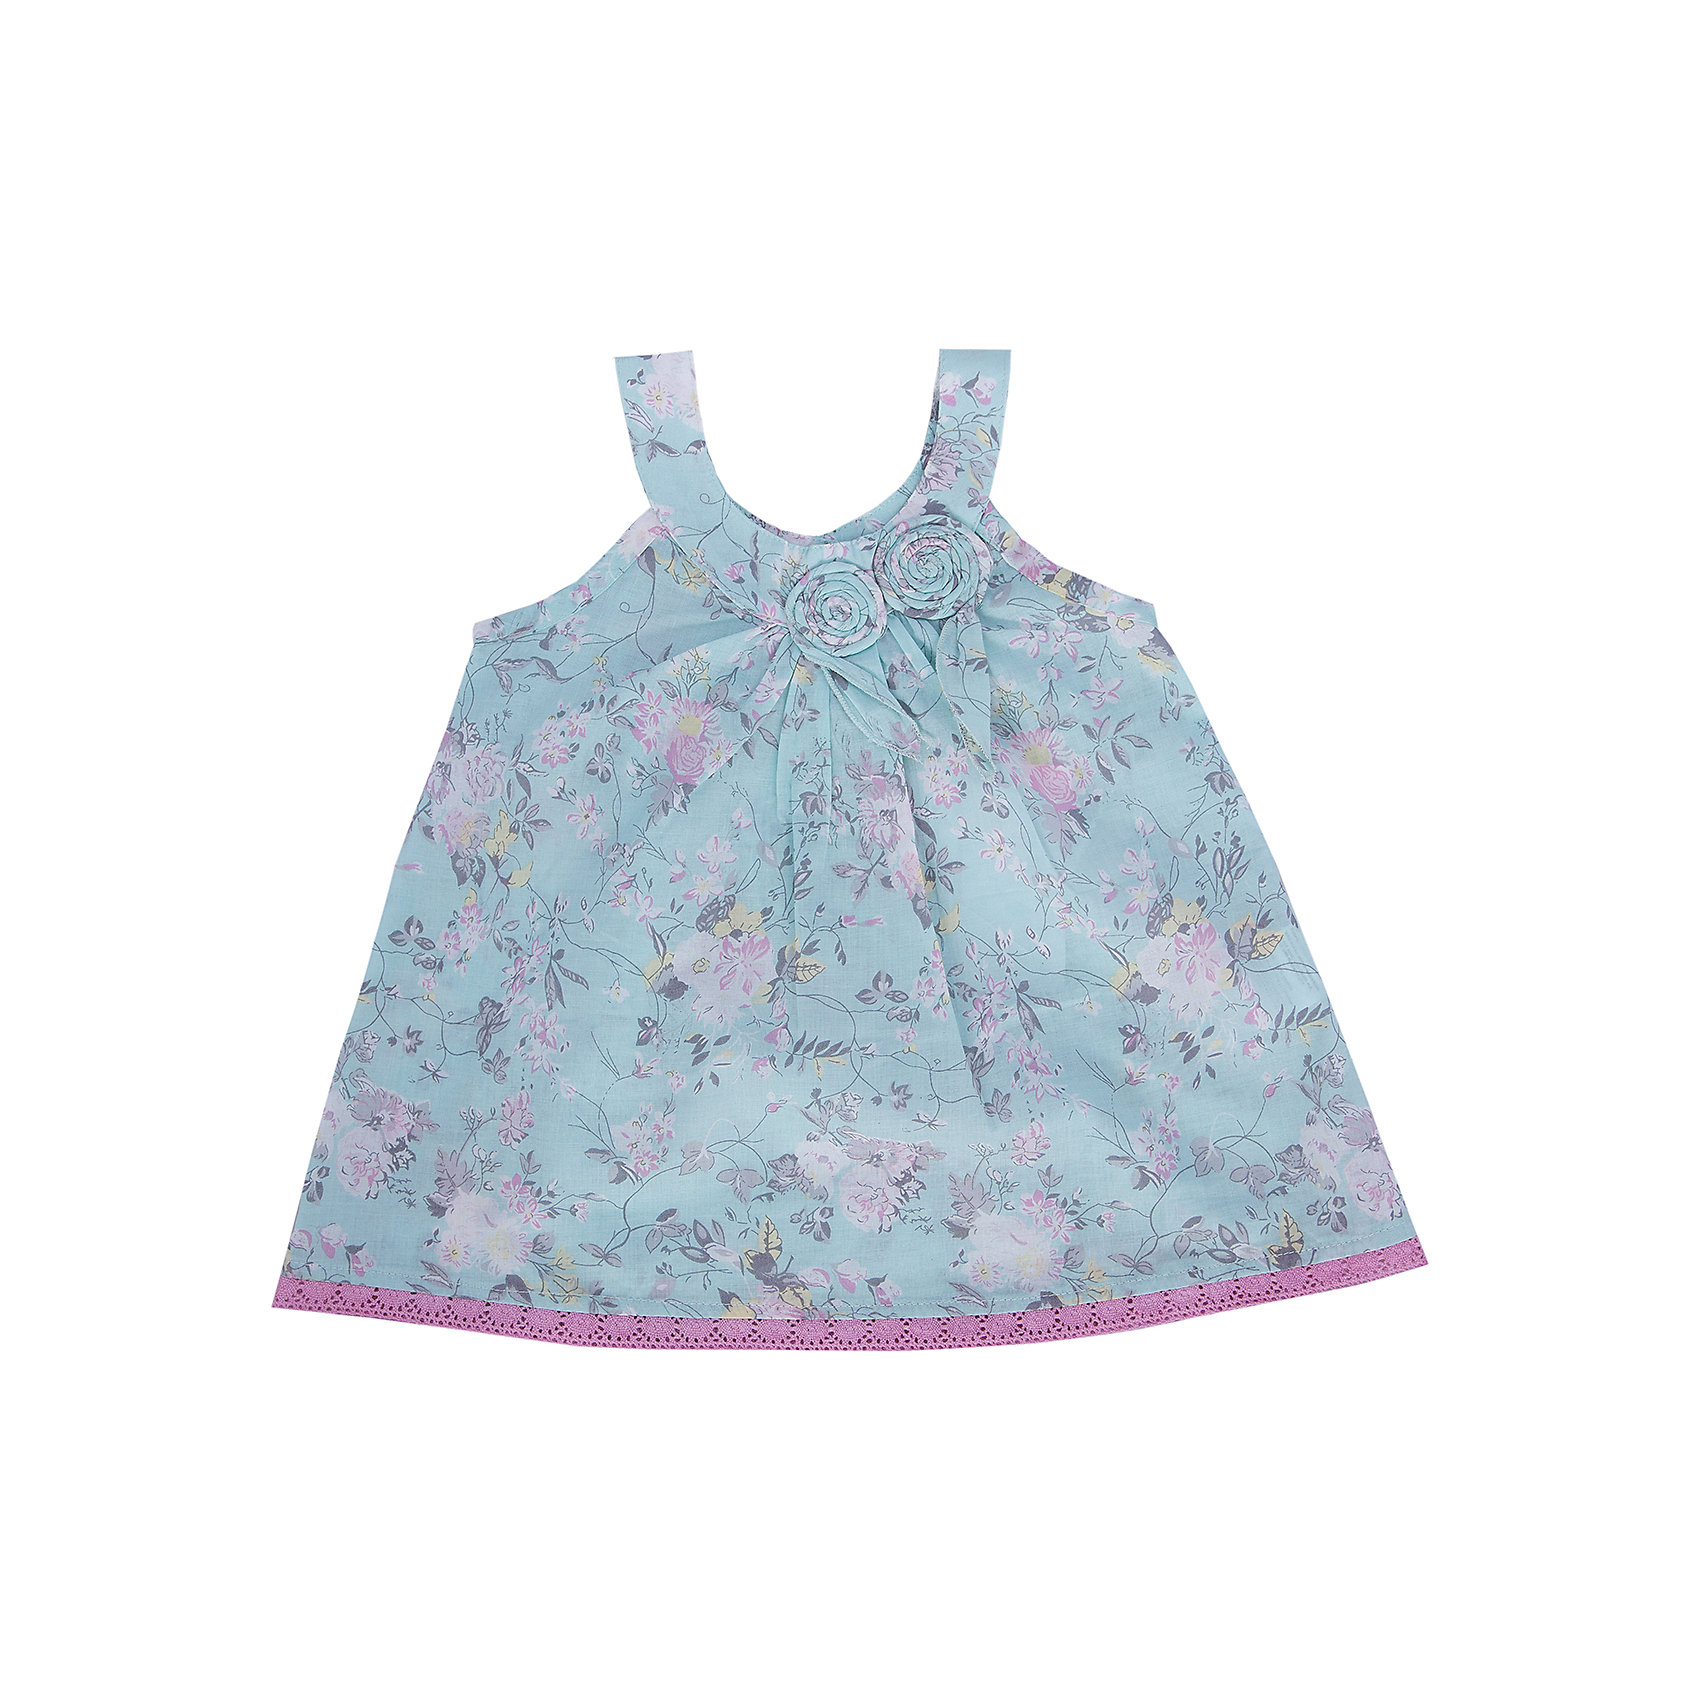 Топ для девочки SELAФутболки, поло и топы<br>Топ от известной марки SELА поможет разнообразить летний гардероб девочки, создать нарядный или повседневный образ. Удобный крой и качественный материал обеспечат ребенку комфорт при ношении этой вещи. <br>Горловина изделия - круглая, украшена текстильными цветами. Силуэт - стильный,  расширенный к низу. Приятная на ощупь ткань не вызывает аллергии. Изделие украшено стильным принтом.<br><br>Дополнительная информация:<br><br>материал: 100% хлопок;<br>цвет: разноцветный;<br>без рукава;<br>силуэт расширенный к низу;<br>уход за изделием: стирка в машине при температуре до 30°С, не отбеливать, гладить при низкой температуре.<br><br>Блузку от бренда SELА (Села) можно купить в нашем магазине.<br><br>Ширина мм: 186<br>Глубина мм: 87<br>Высота мм: 198<br>Вес г: 197<br>Цвет: зеленый<br>Возраст от месяцев: 48<br>Возраст до месяцев: 60<br>Пол: Женский<br>Возраст: Детский<br>Размер: 110,116,92,98,104<br>SKU: 4741069